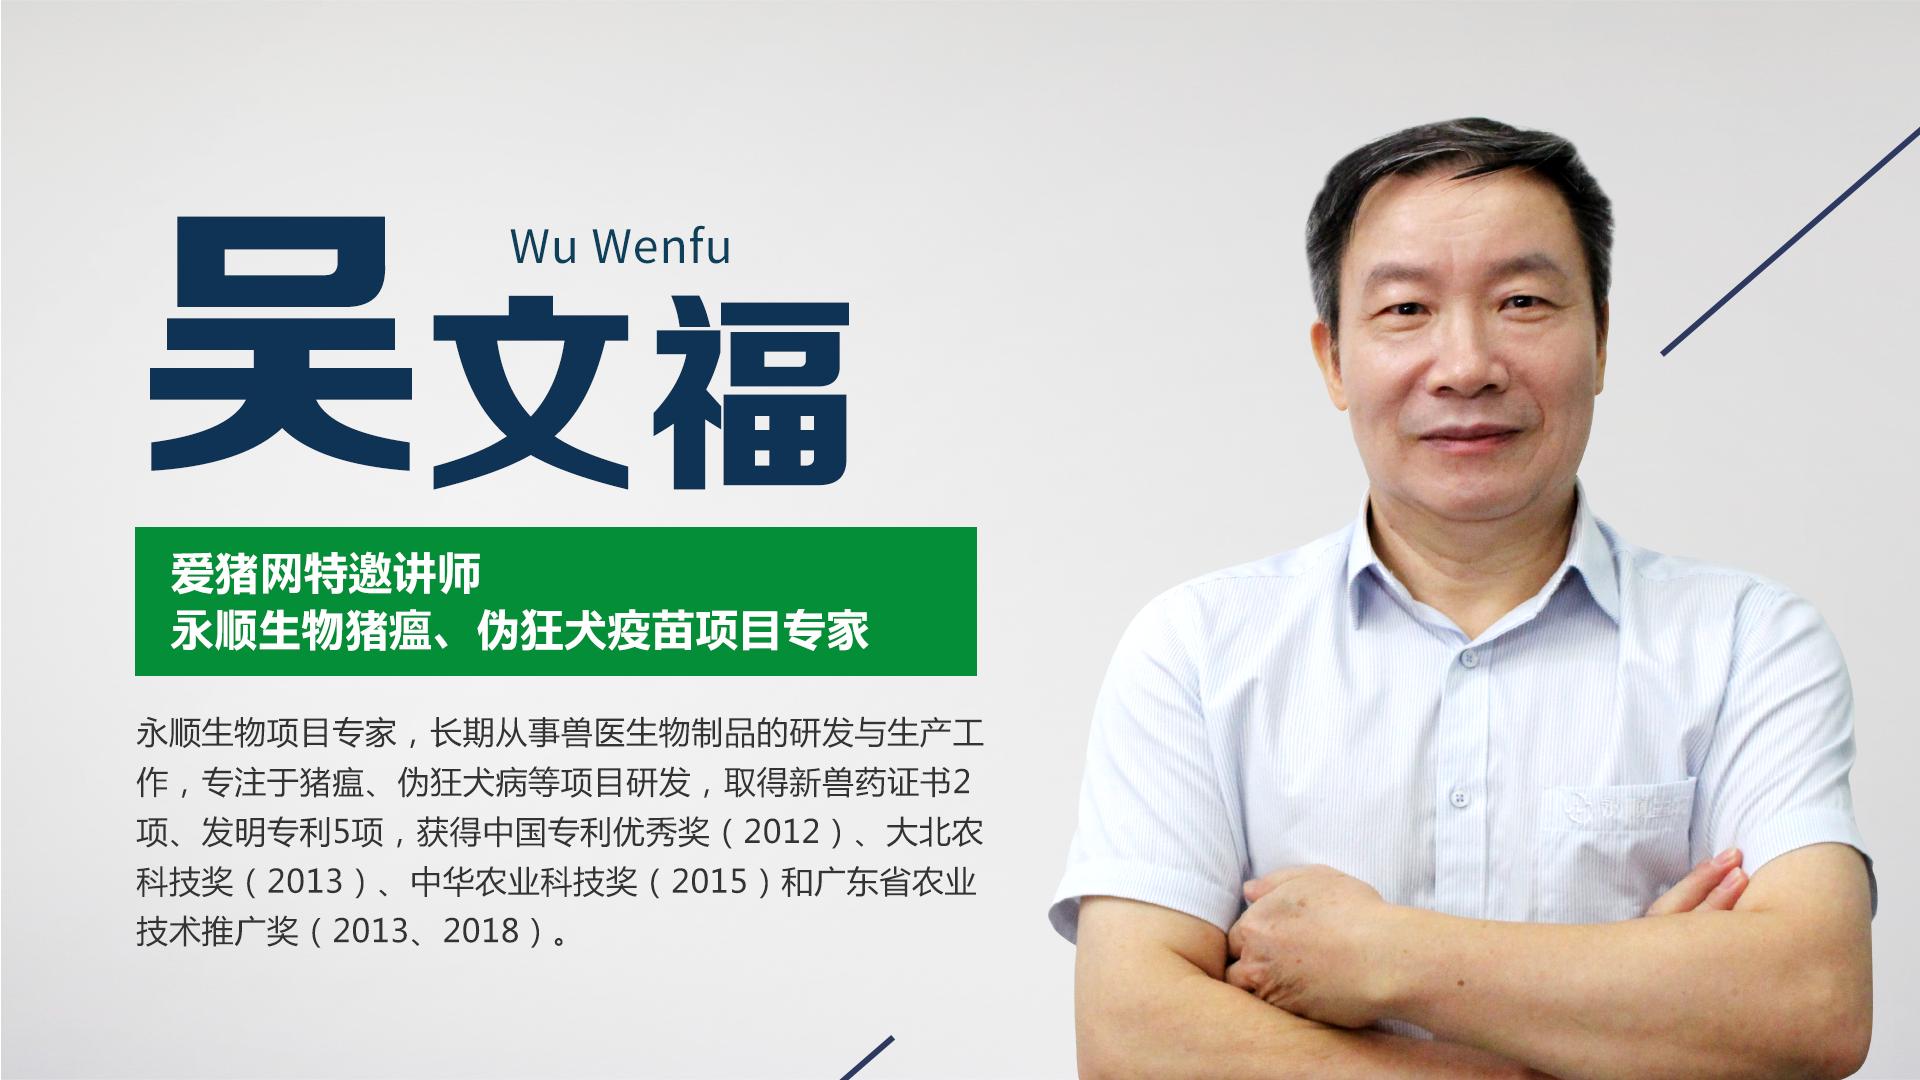 永顺云课堂 | 吴文福:后非瘟时代疫苗企业的研发方向还有很多